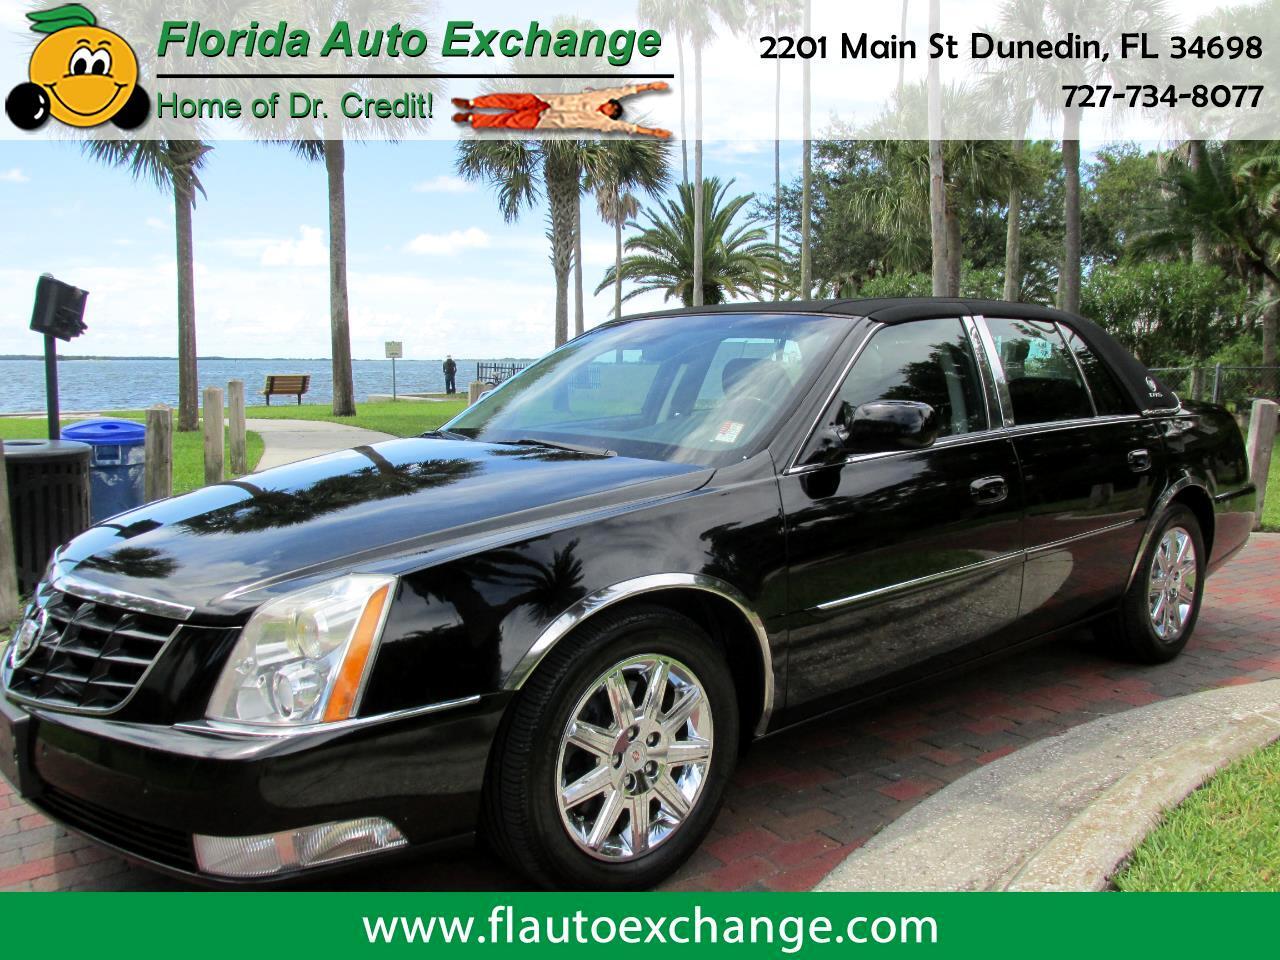 2011 Cadillac DTS 4DR SDN PREMIUM COLLECTIO